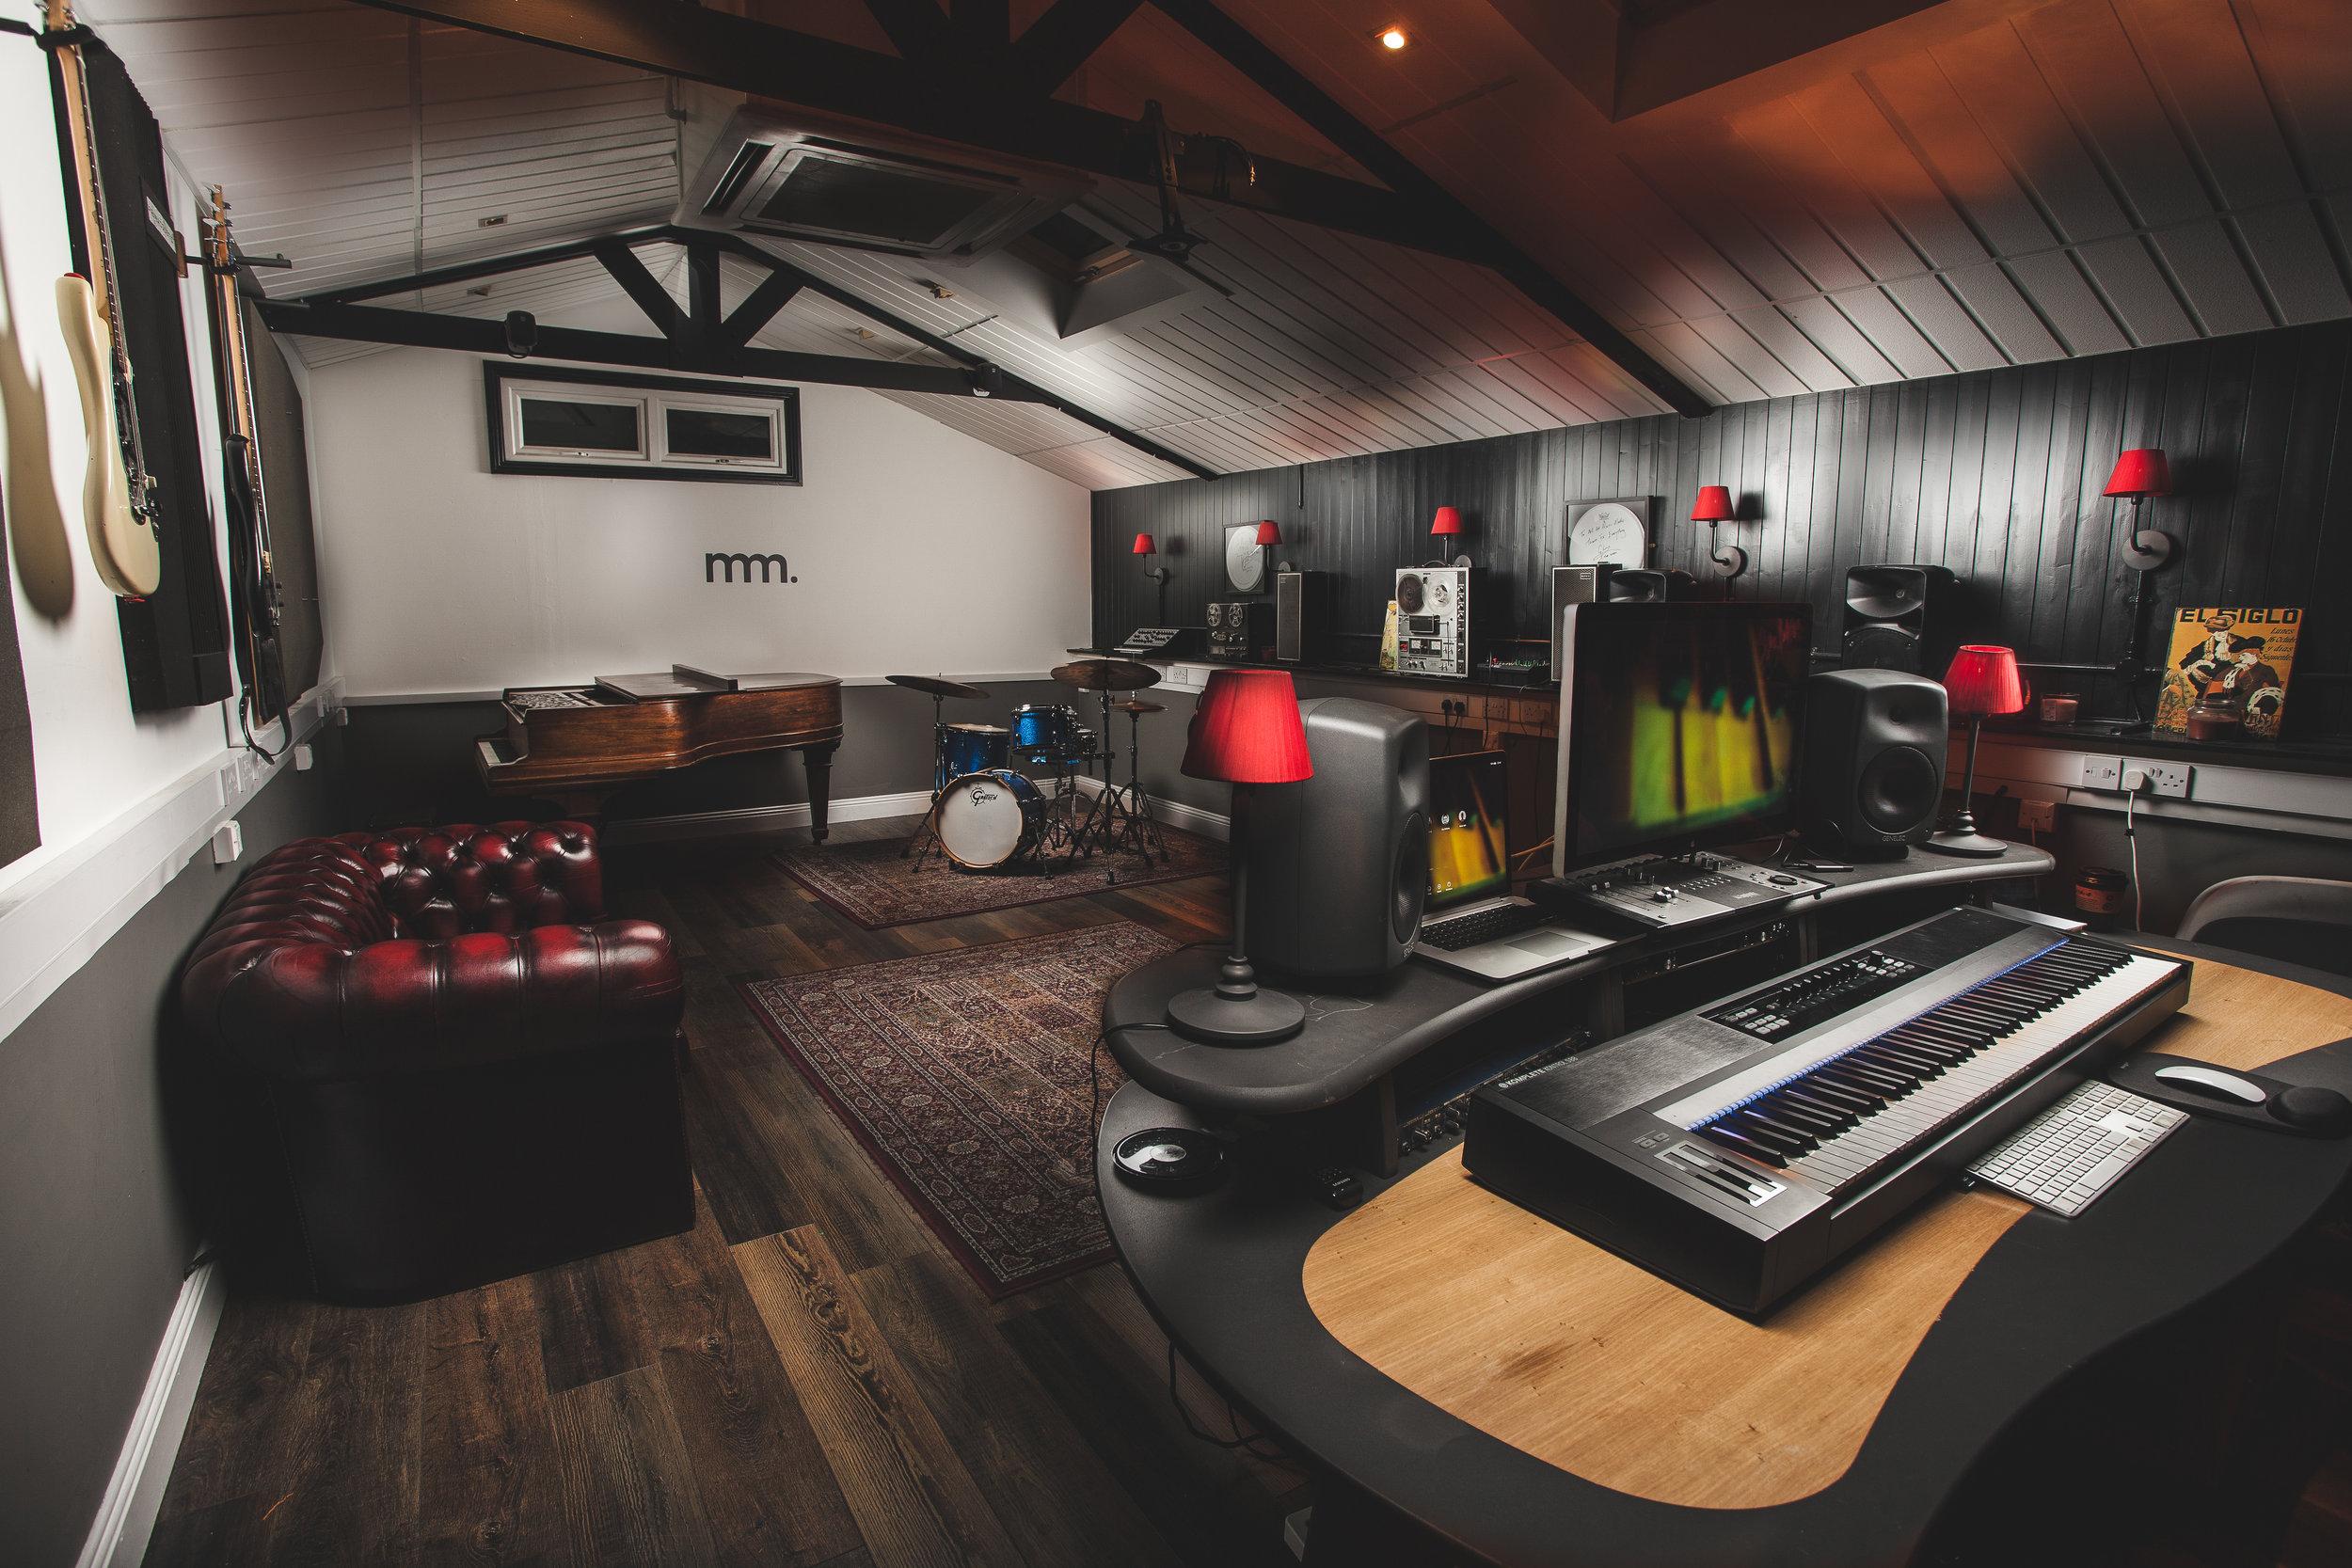 MUSIC MAKER ROOM